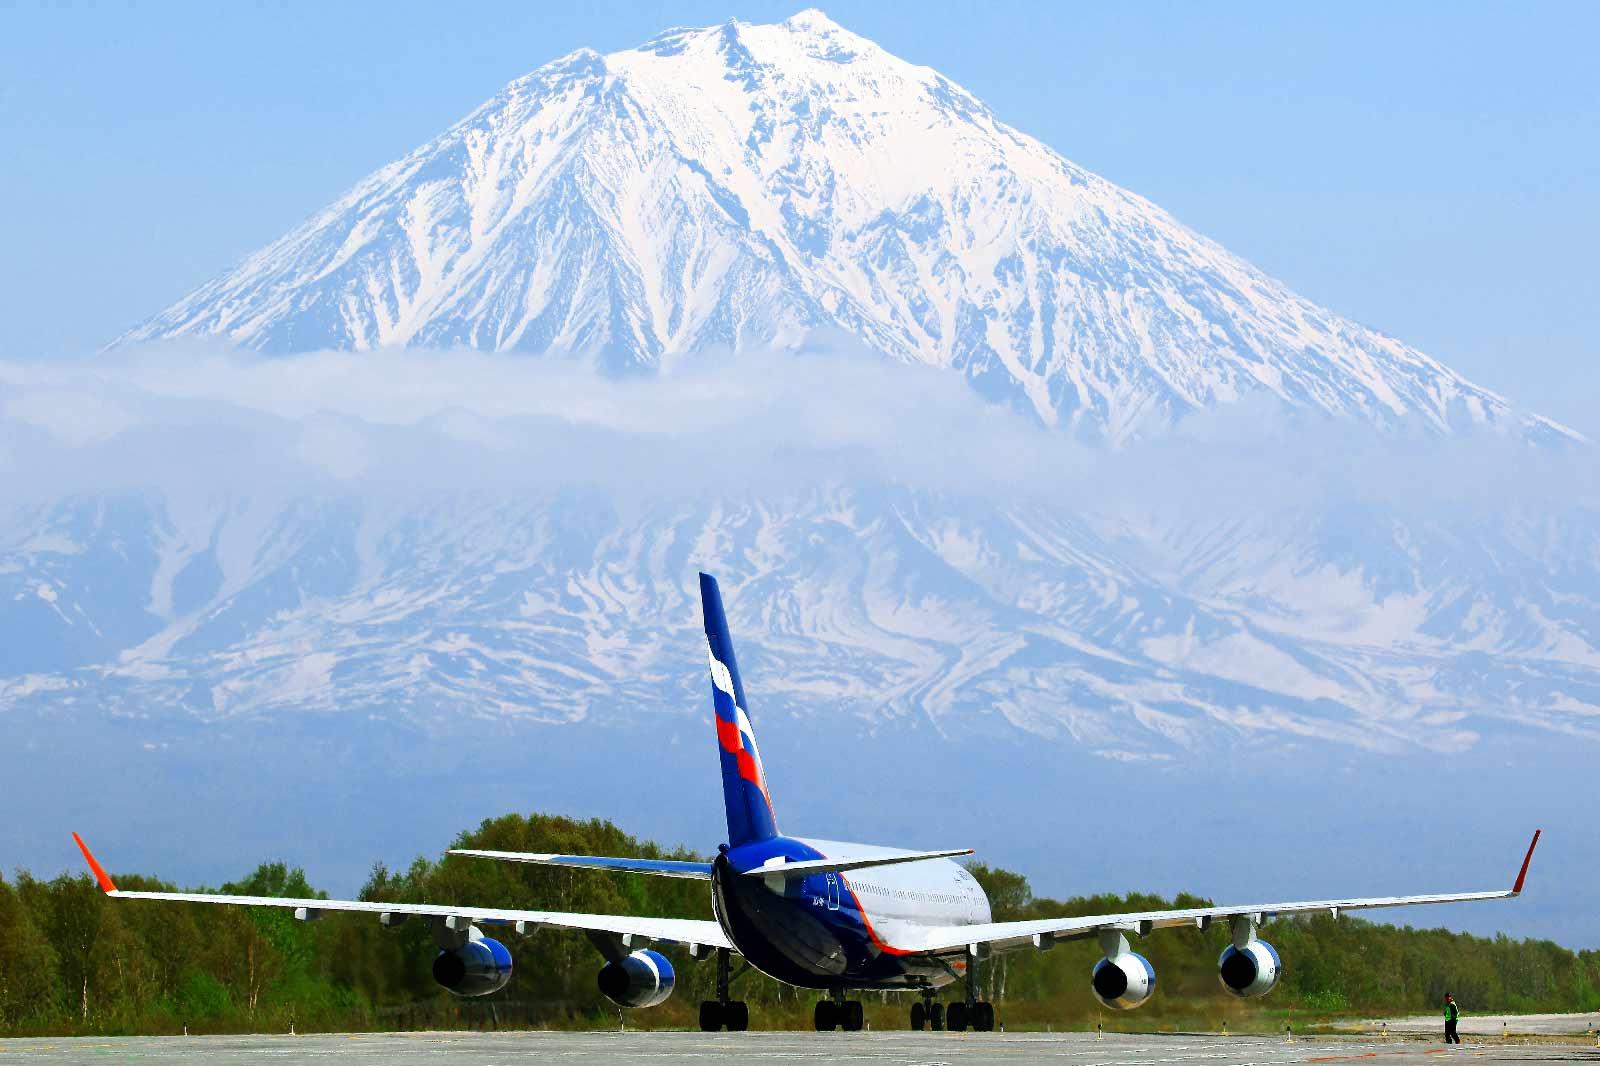 В аэропорту Петропавловск-Камчатского открылась новая взлетно-посадочная полоса